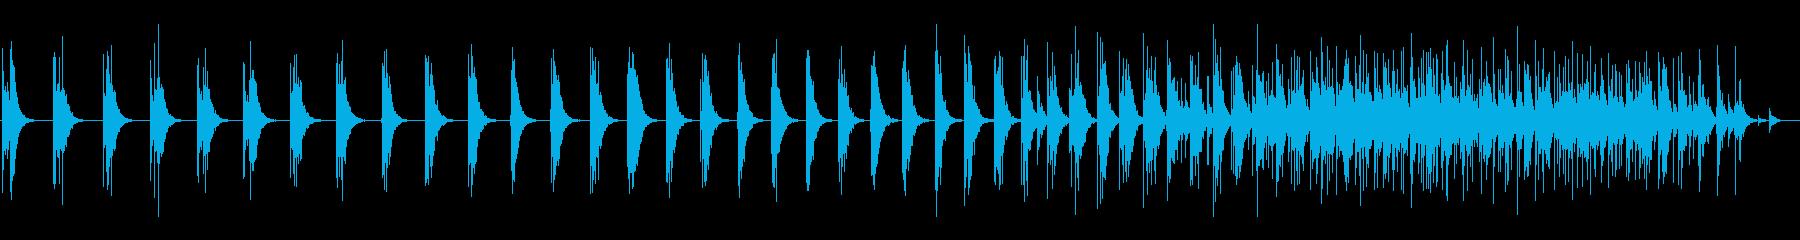 スモールスタジオオーディエンス:男...の再生済みの波形